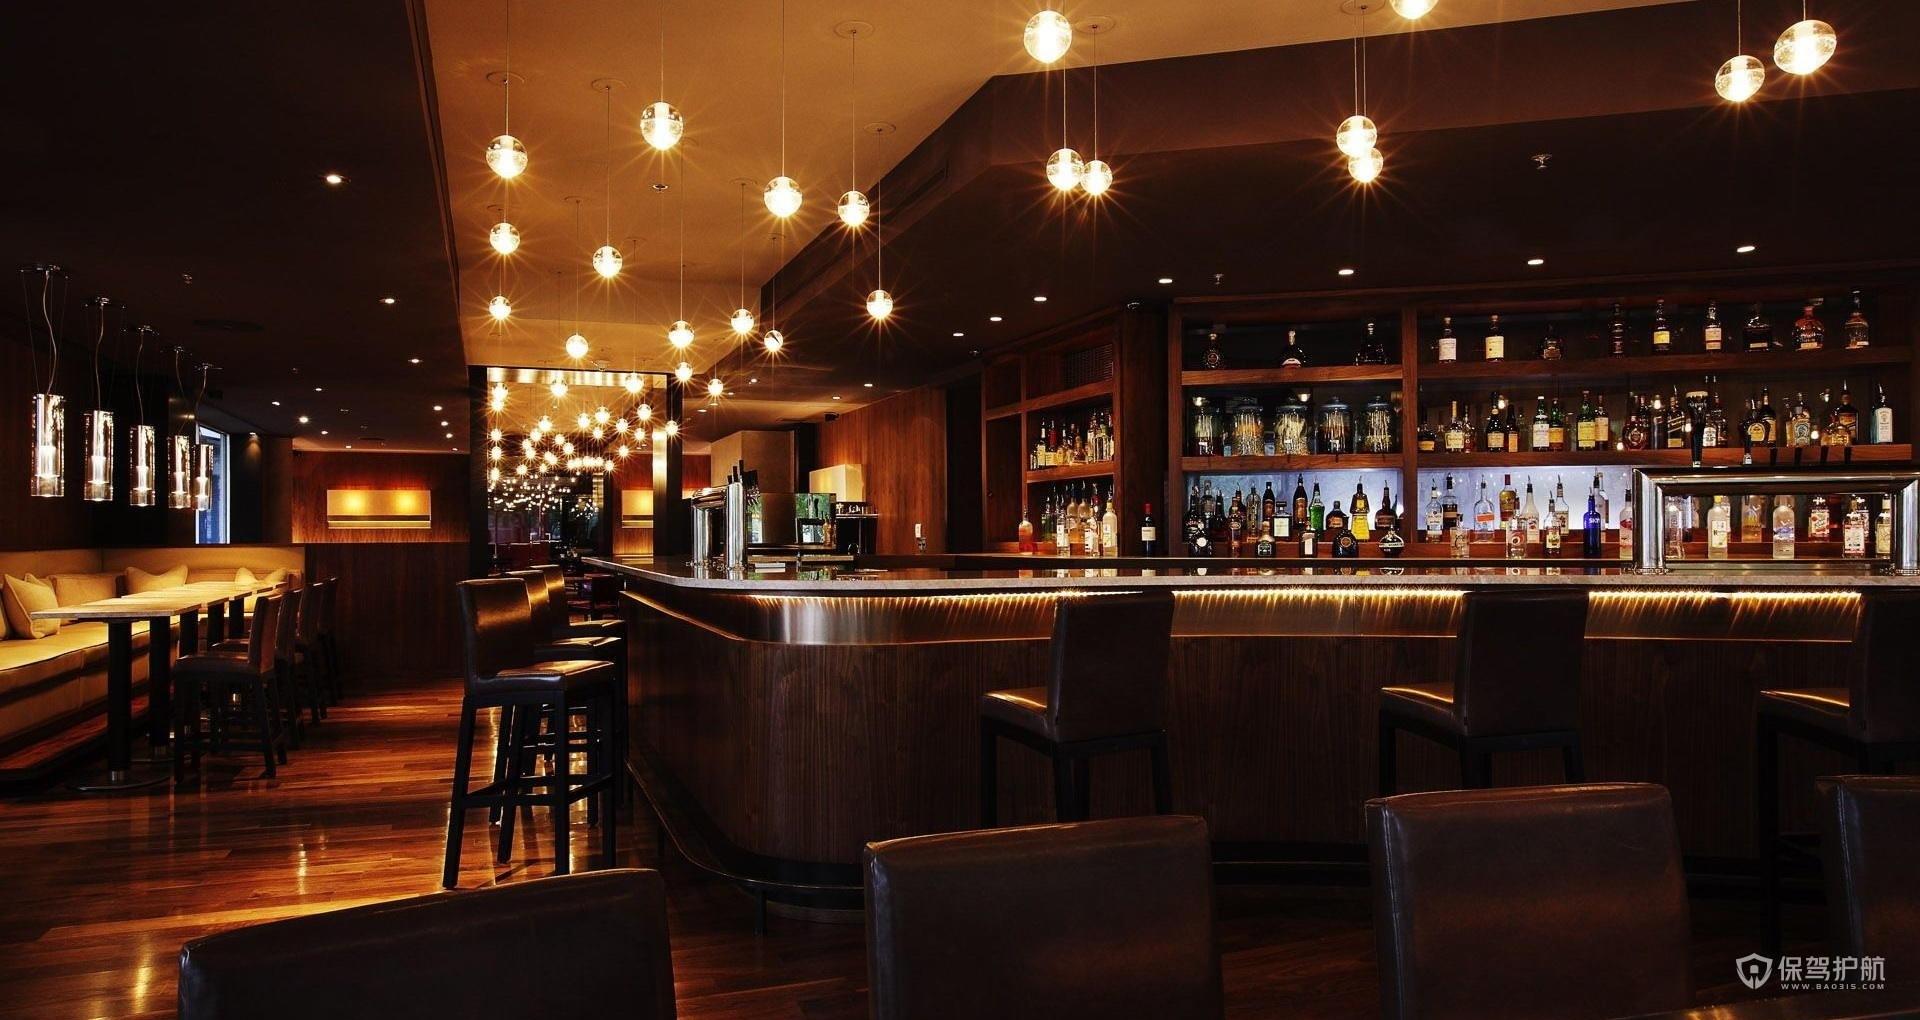 特色古典酒吧裝修效果圖